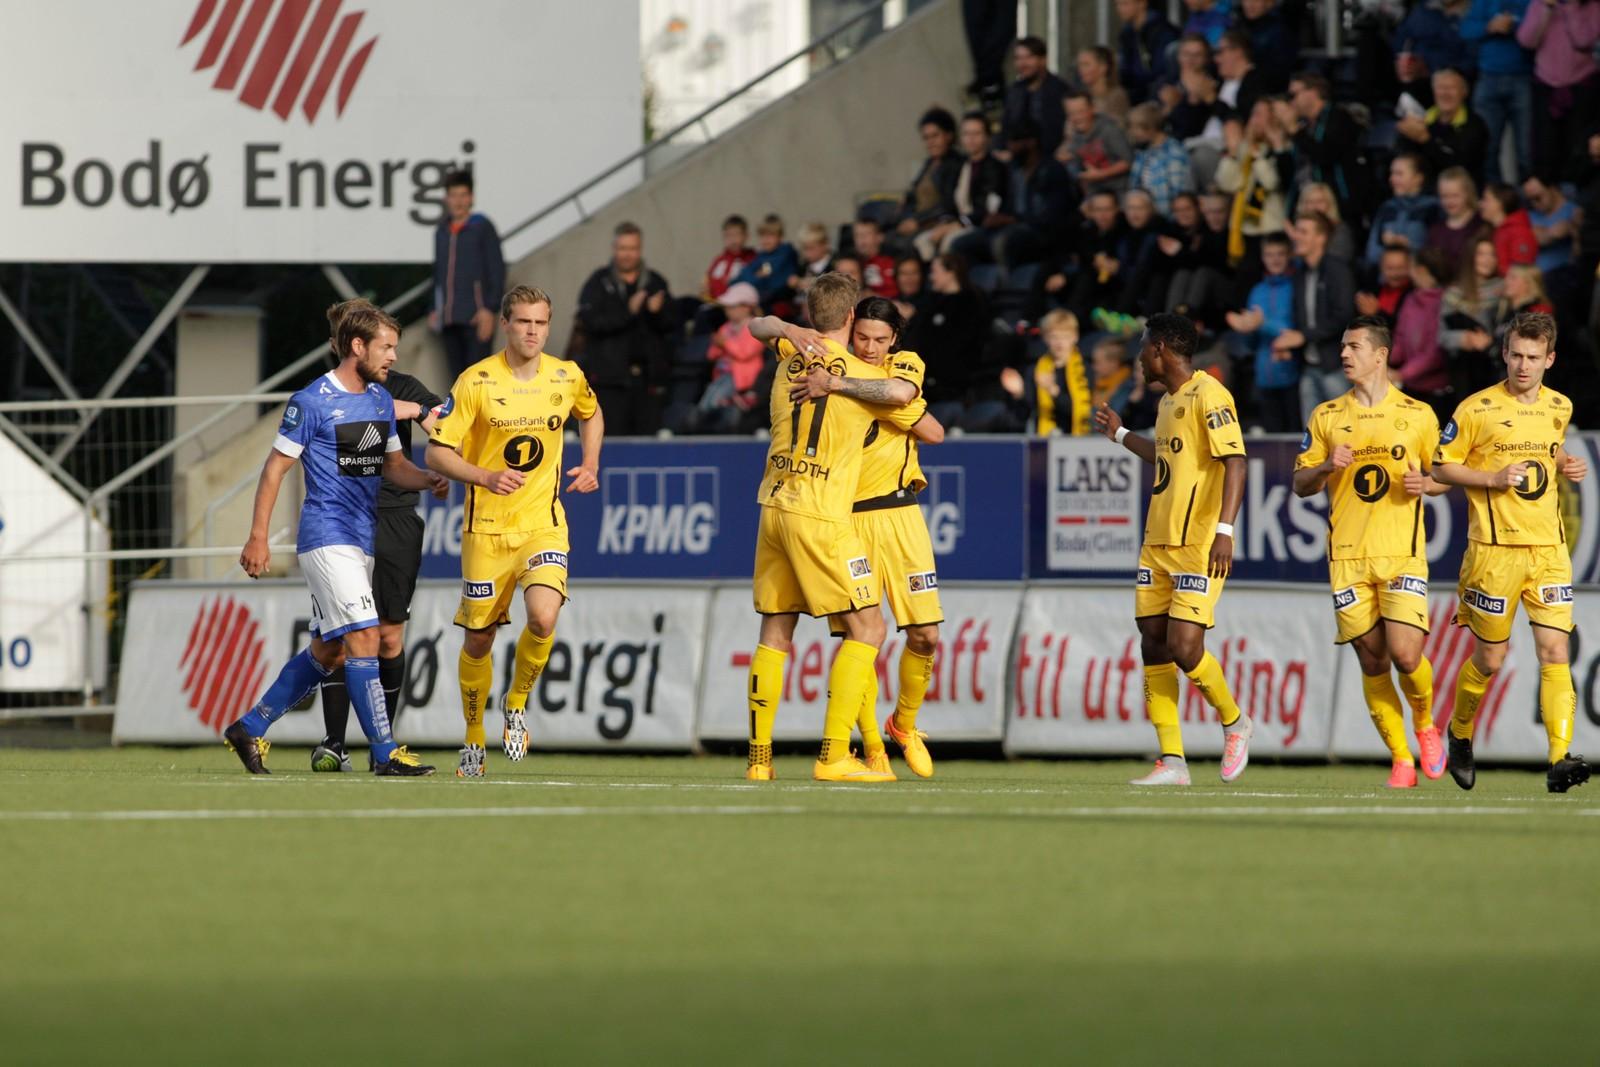 Bodø/Glimt-Start på Aspmyra stadion.